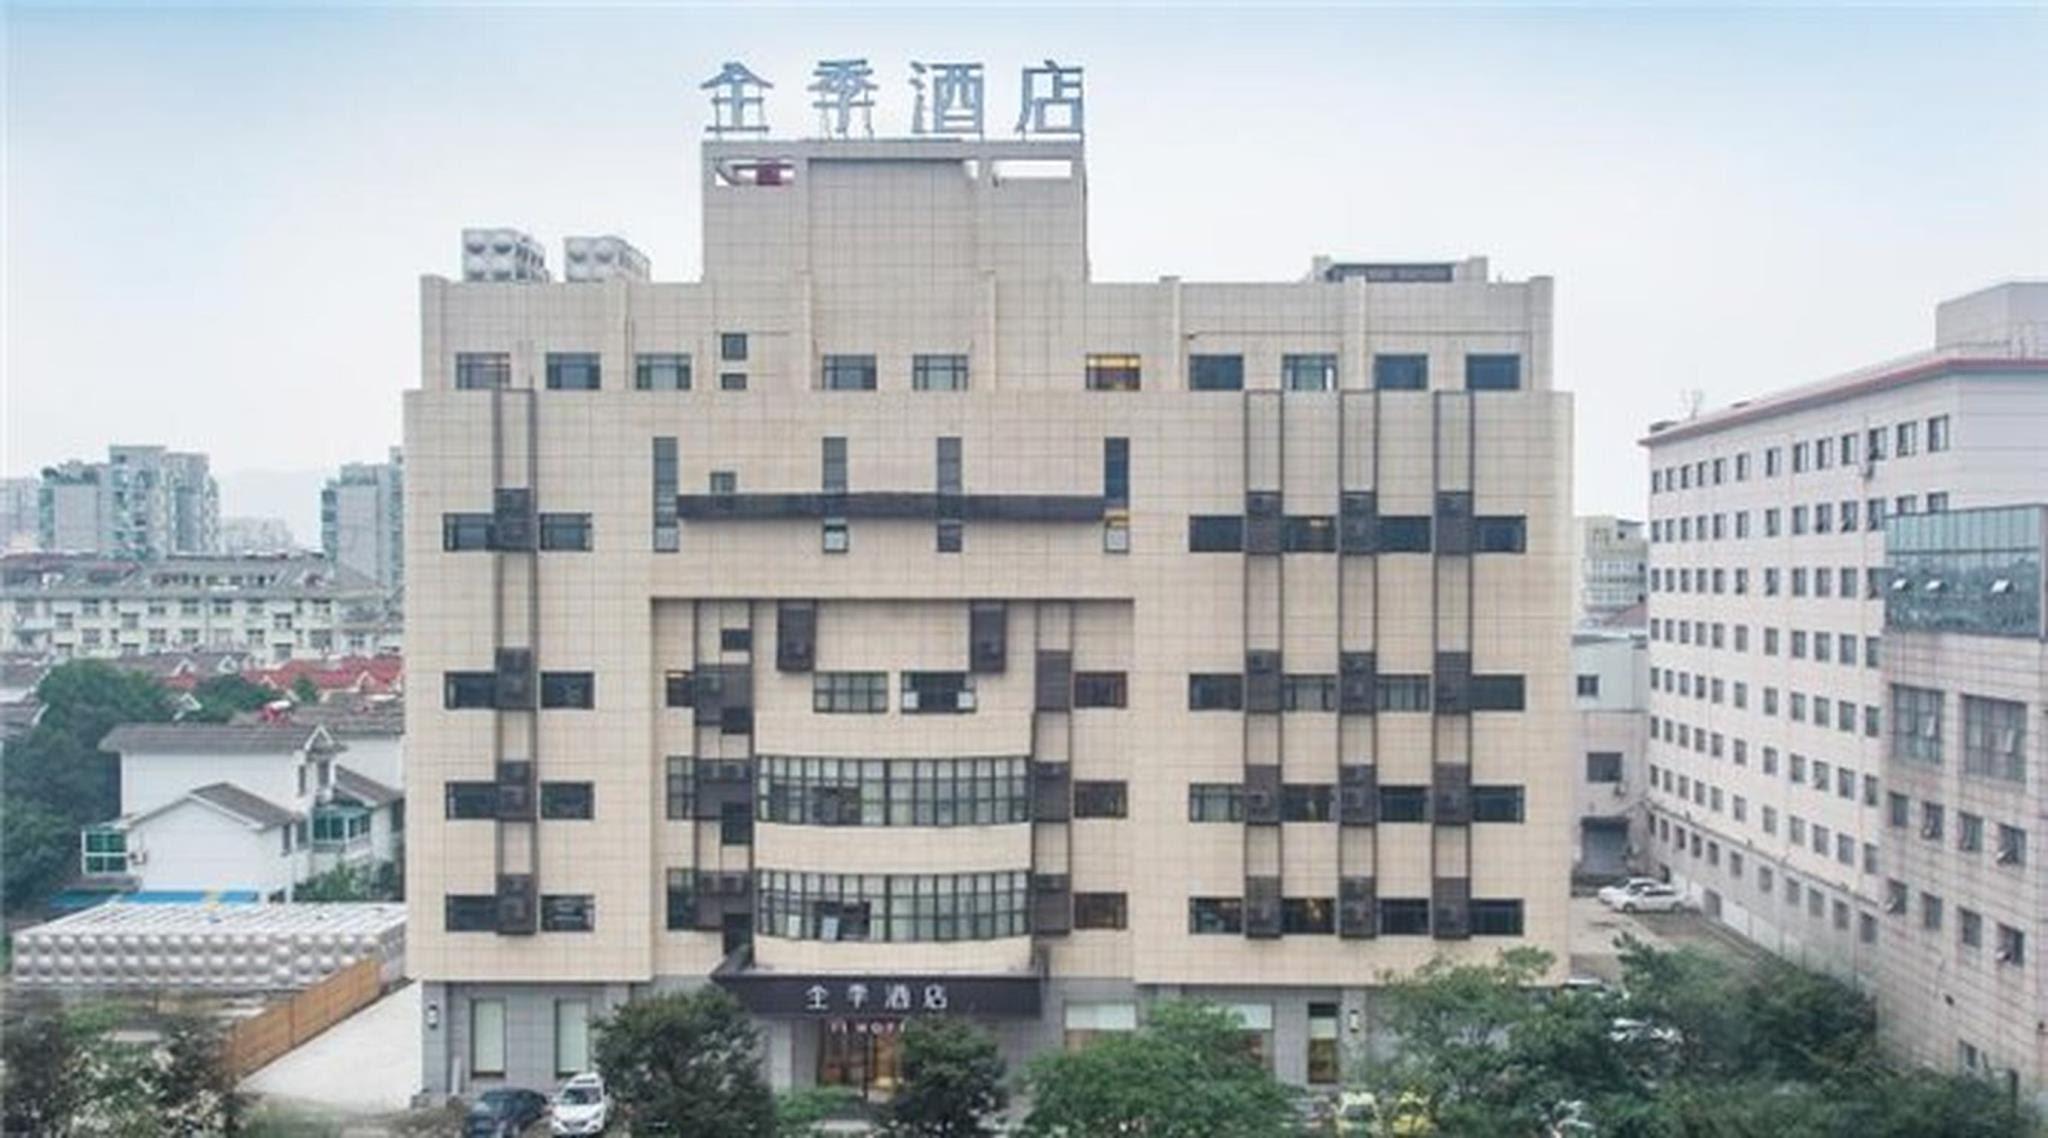 JI Hotel Anji Shengli West Road Reviews